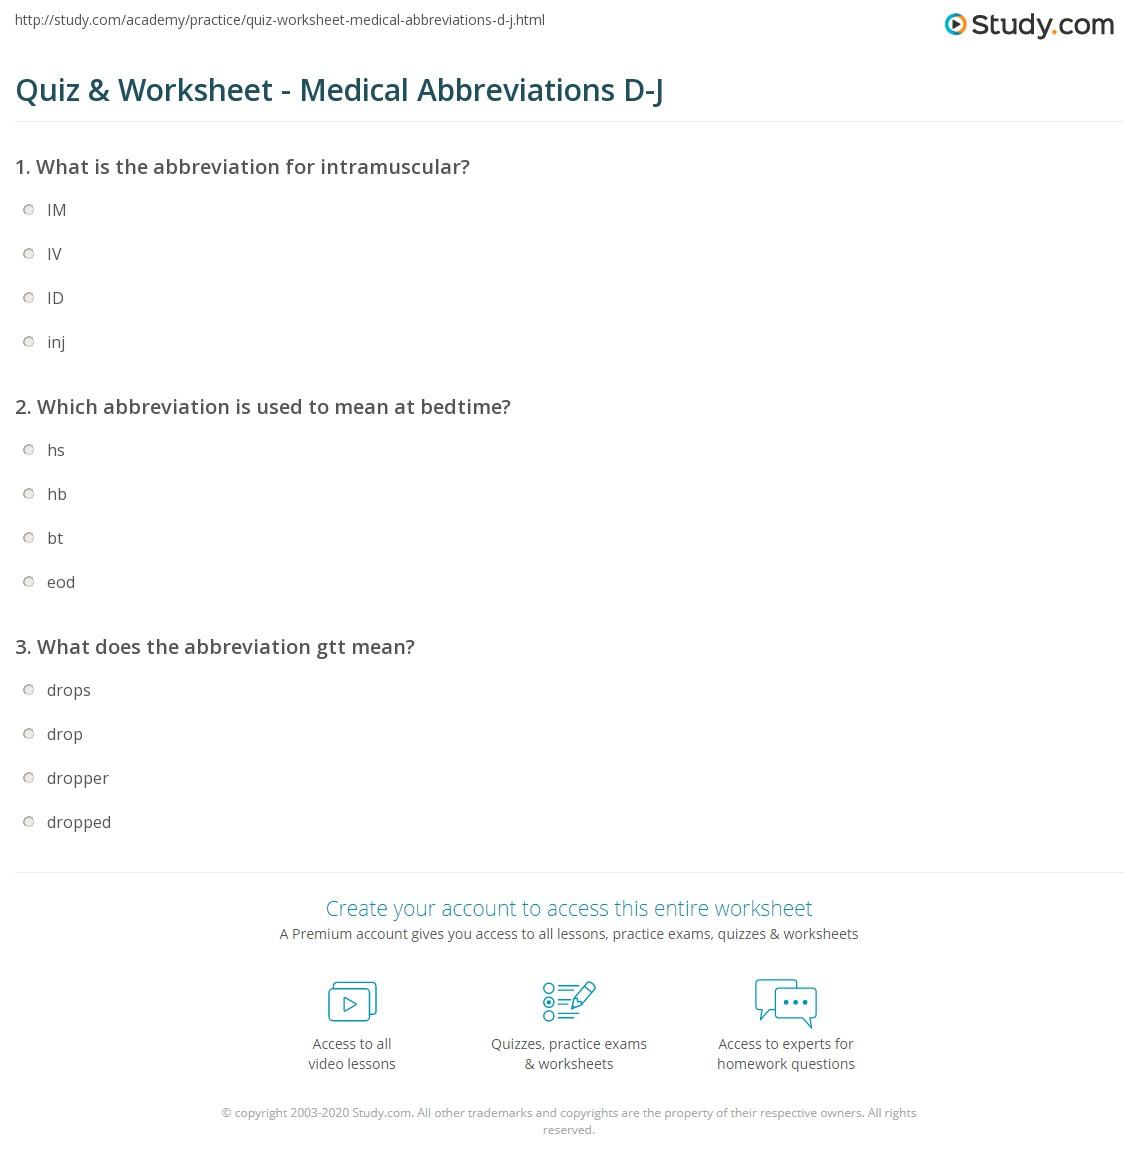 worksheet Abbreviations Worksheets quiz worksheet medical abbreviations d j study com print common worksheet